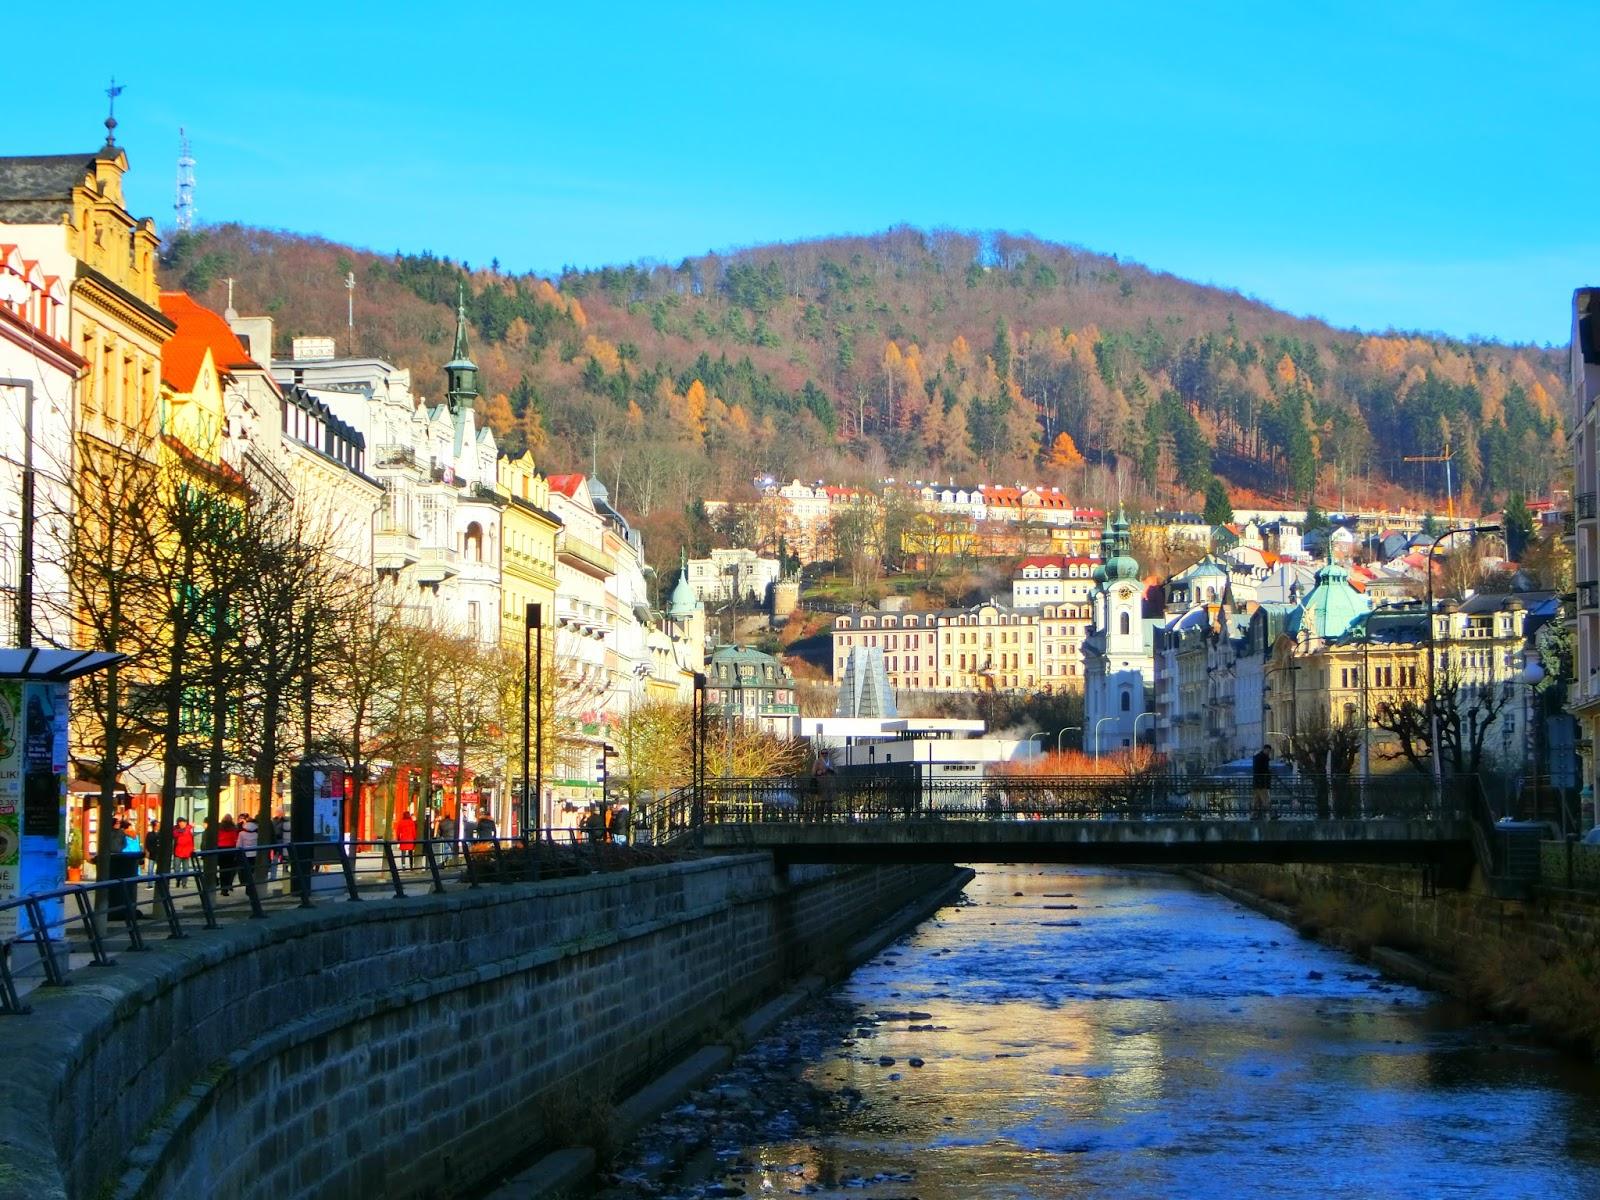 【捷克旅遊】可以喝的溫泉!?卡羅維瓦利Karlovy Vary-捷克著名溫泉小鎮 - 萊恩的隨手筆記 Ryan's Notebook